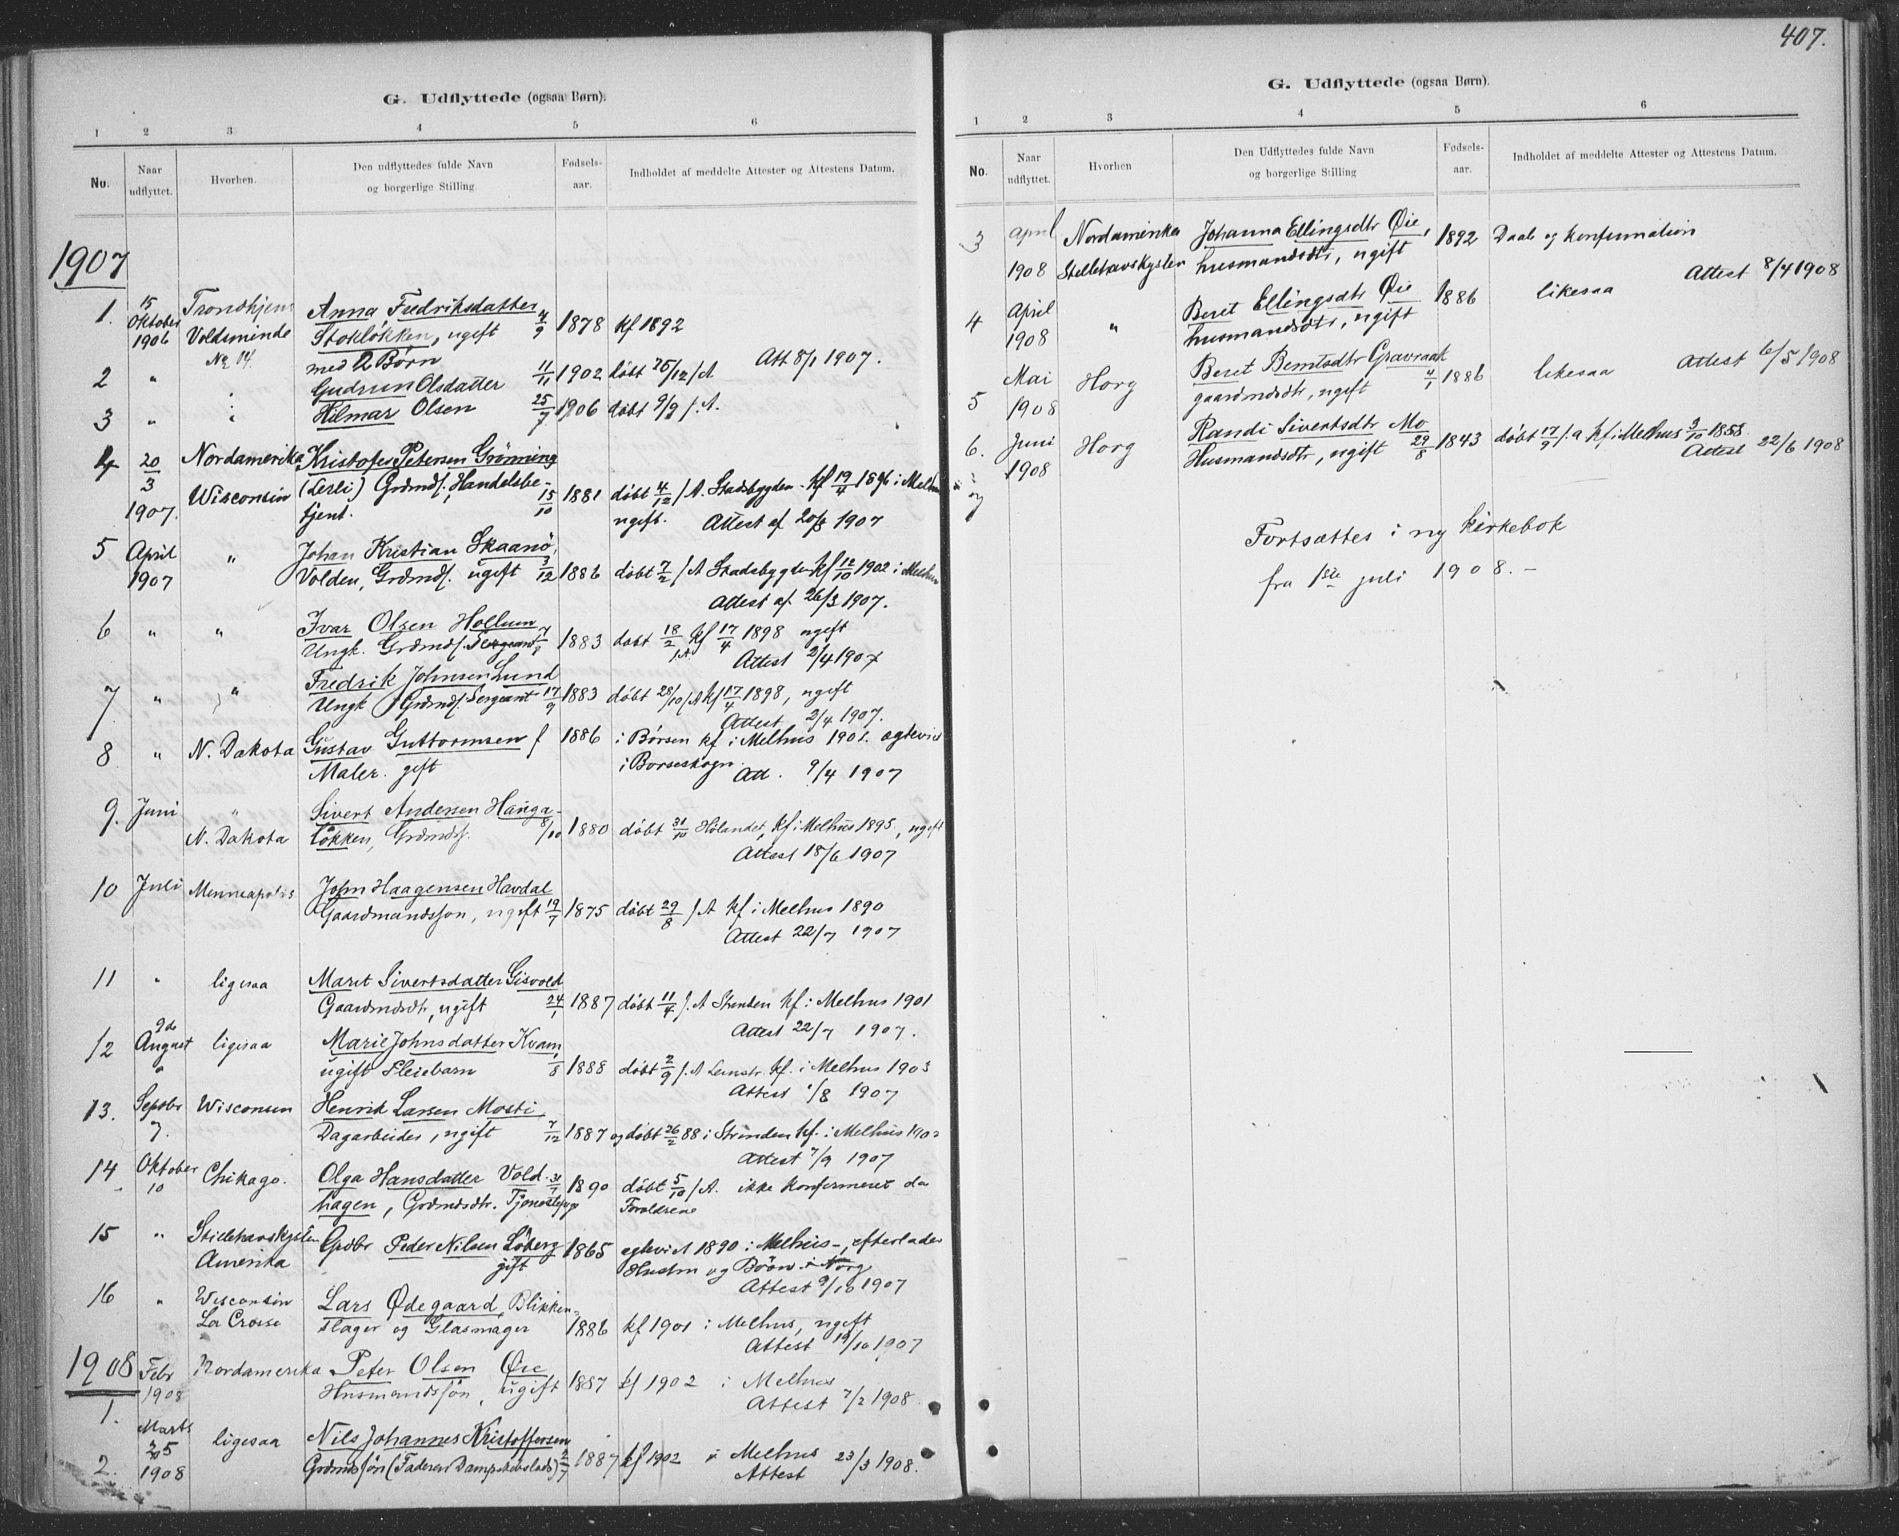 SAT, Ministerialprotokoller, klokkerbøker og fødselsregistre - Sør-Trøndelag, 691/L1085: Ministerialbok nr. 691A17, 1887-1908, s. 407